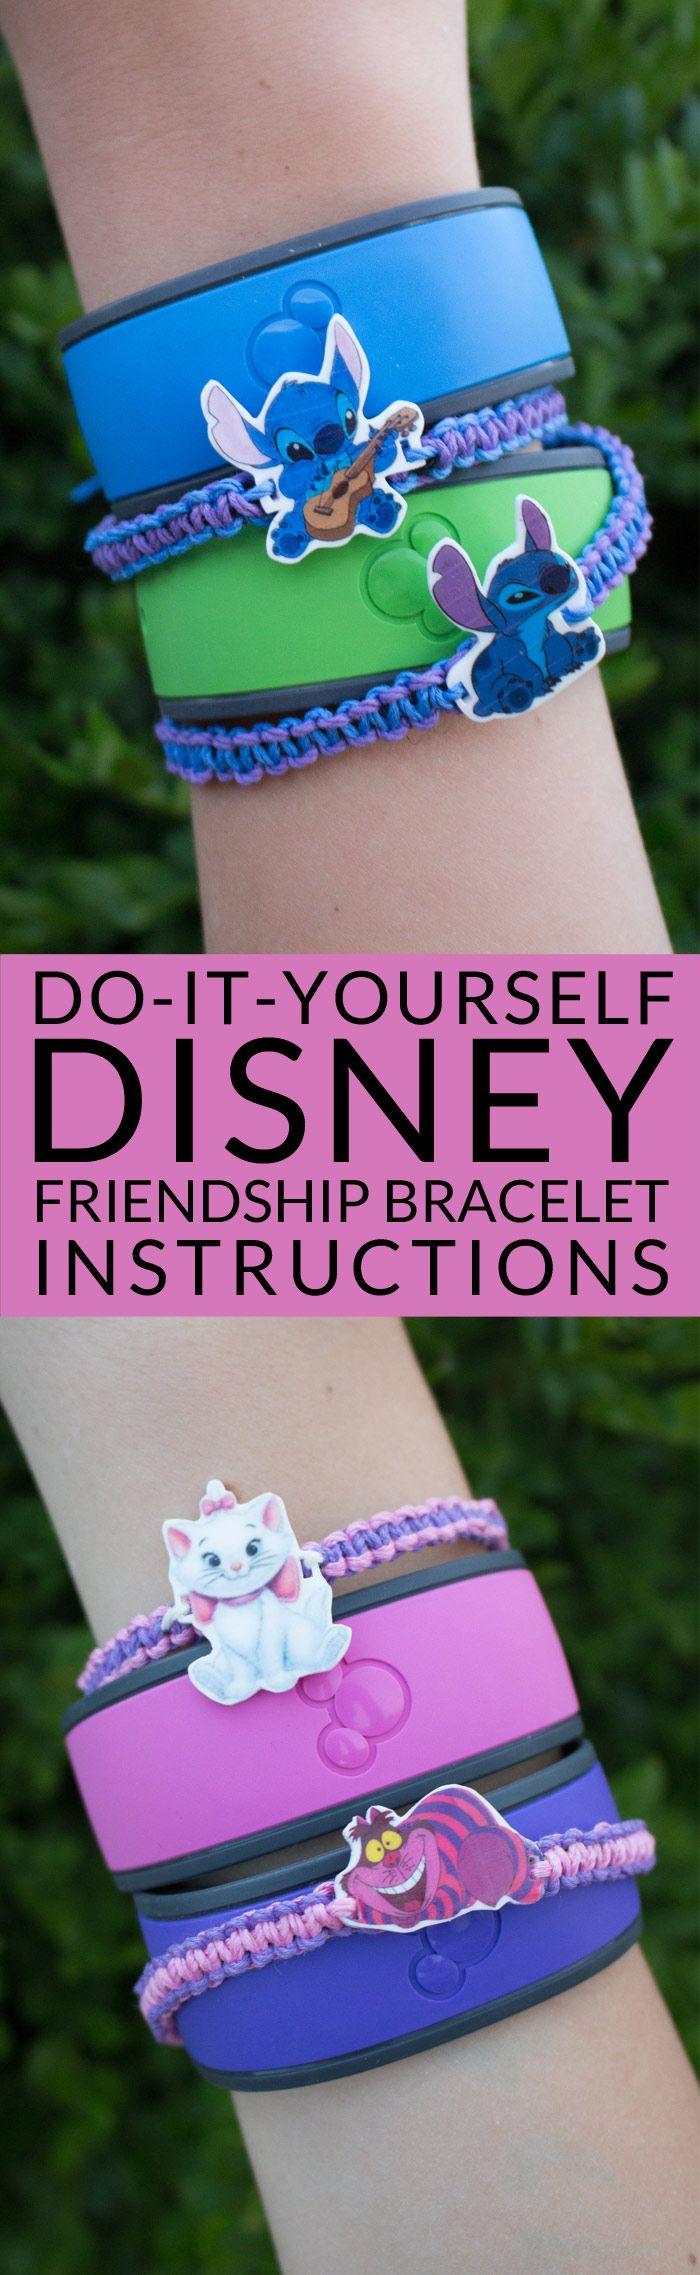 simple friendship bracelet instructions